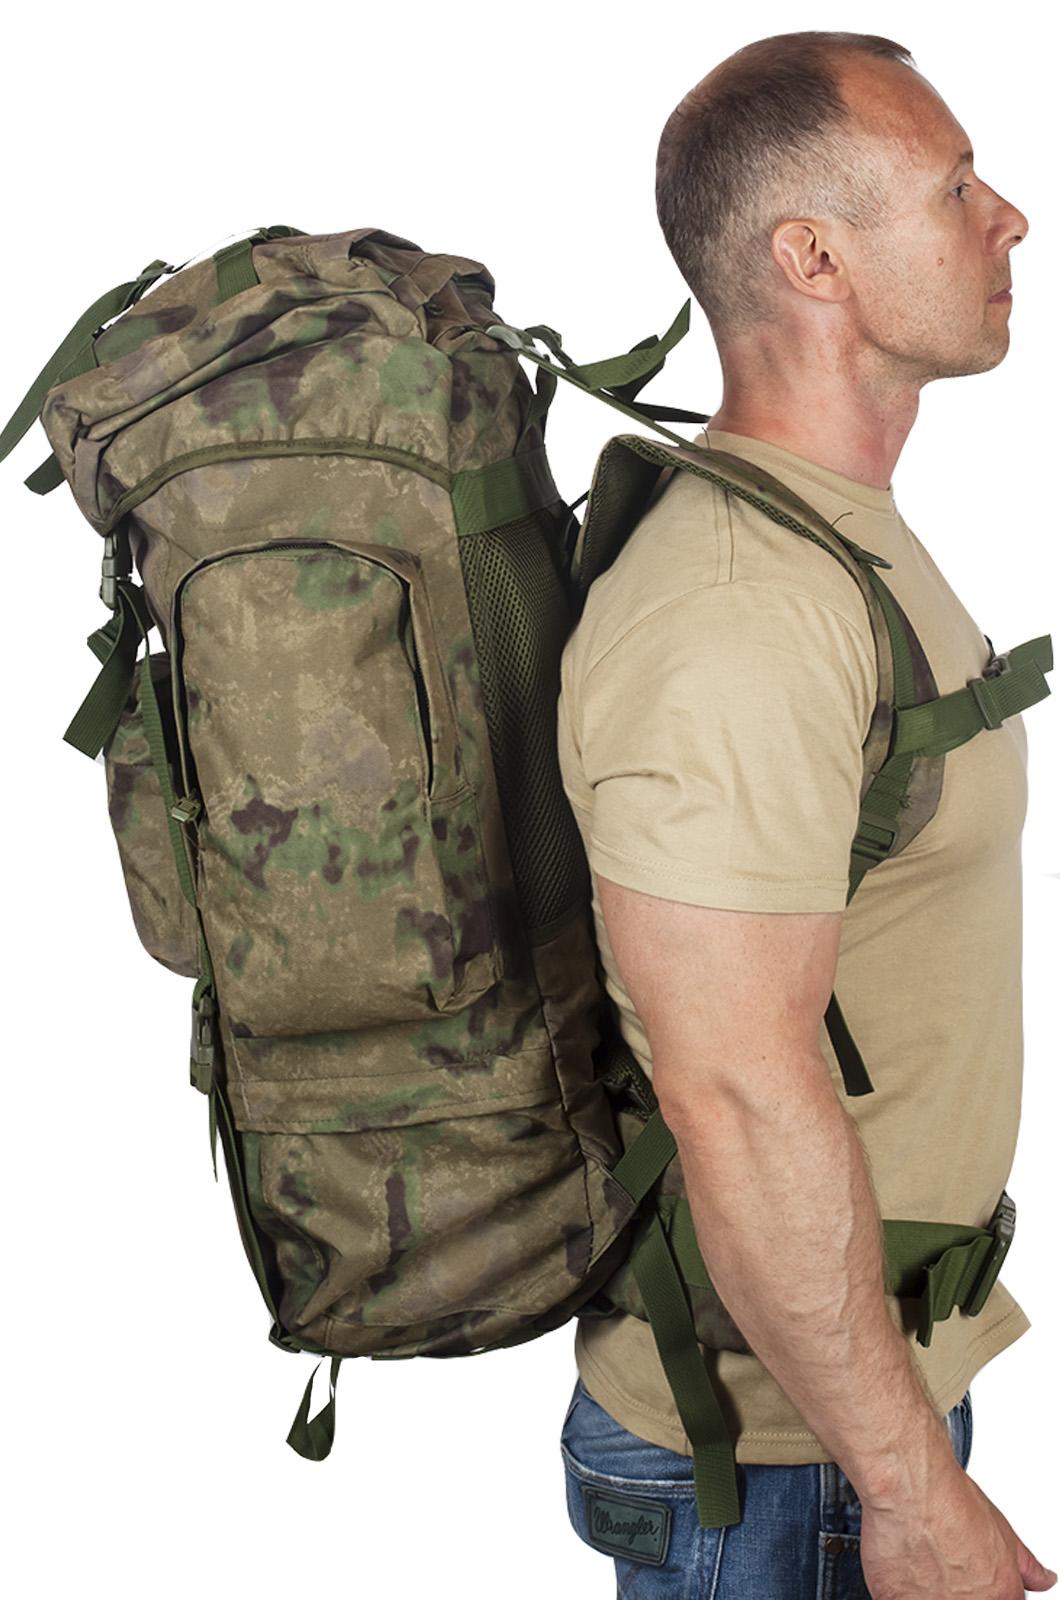 Армейский камуфляжный ранец-рюкзак ФСО России - заказать по лучшей цене